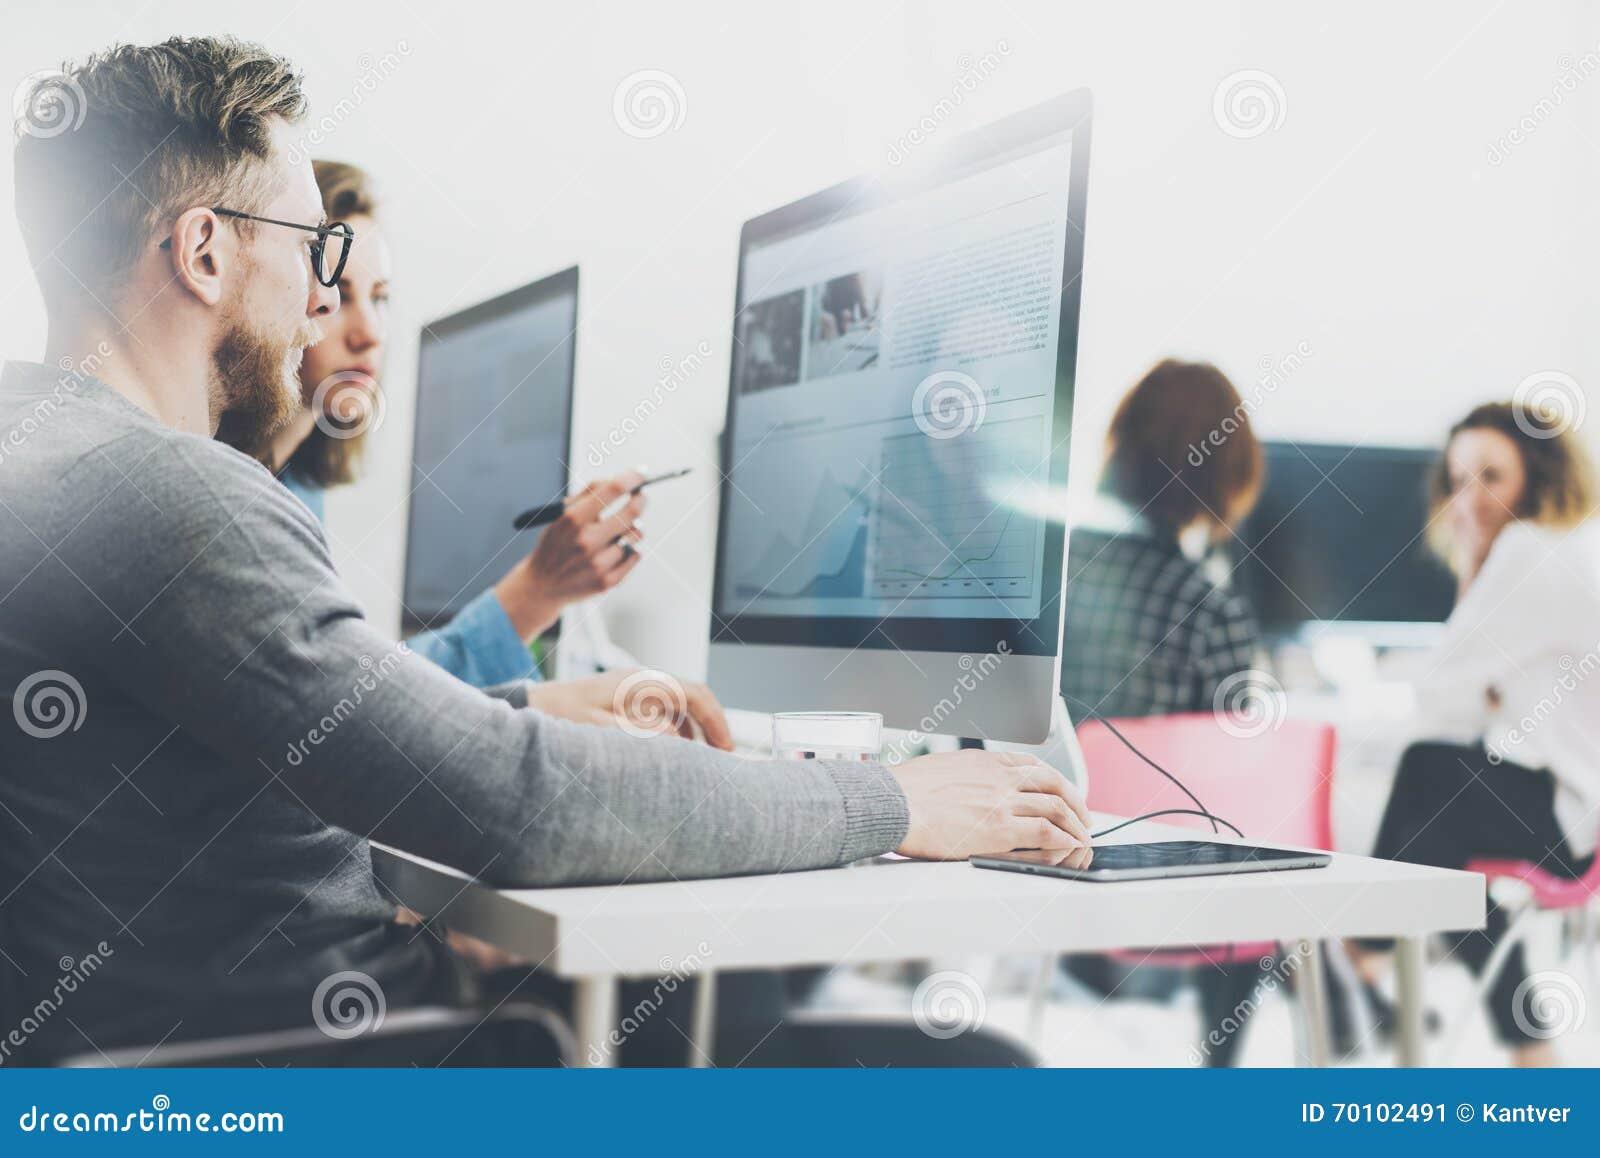 Coworking过程,设计师队工作计划 照片年轻企业乘员组与新的起始的现代办公室一起使用